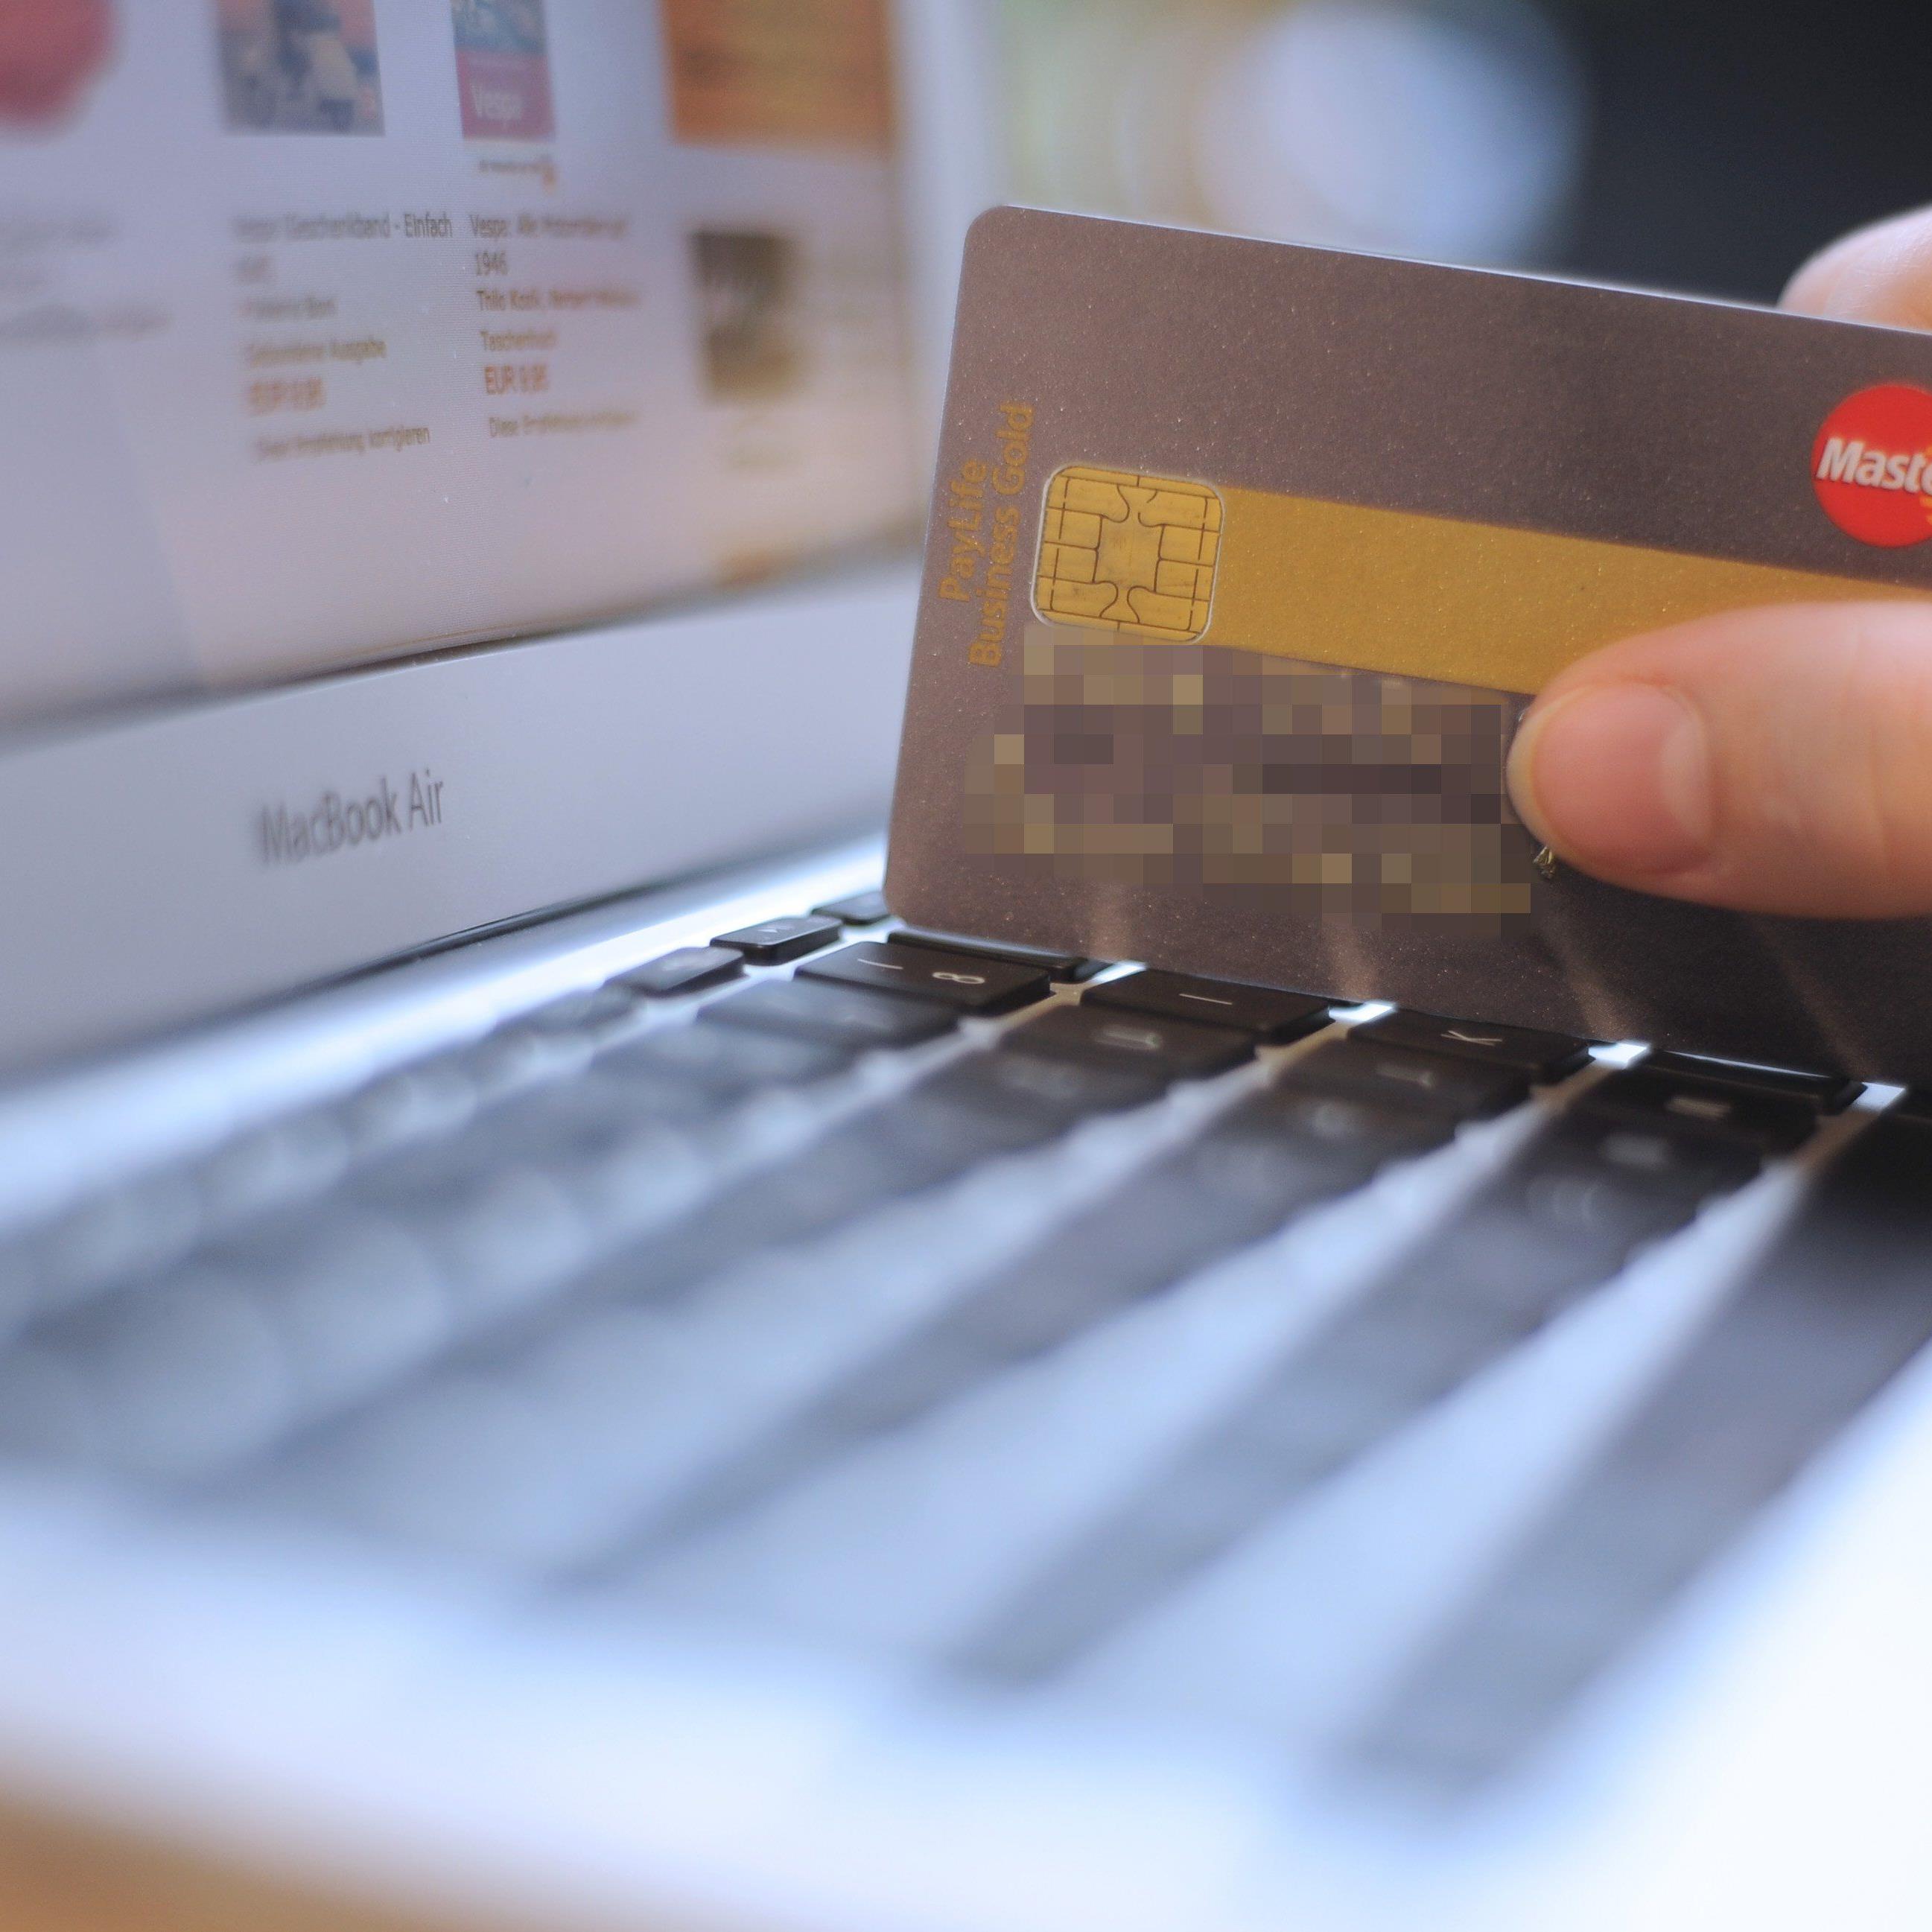 Das OLG hat über die Kreditbearbeitungsgebühr entschieden.